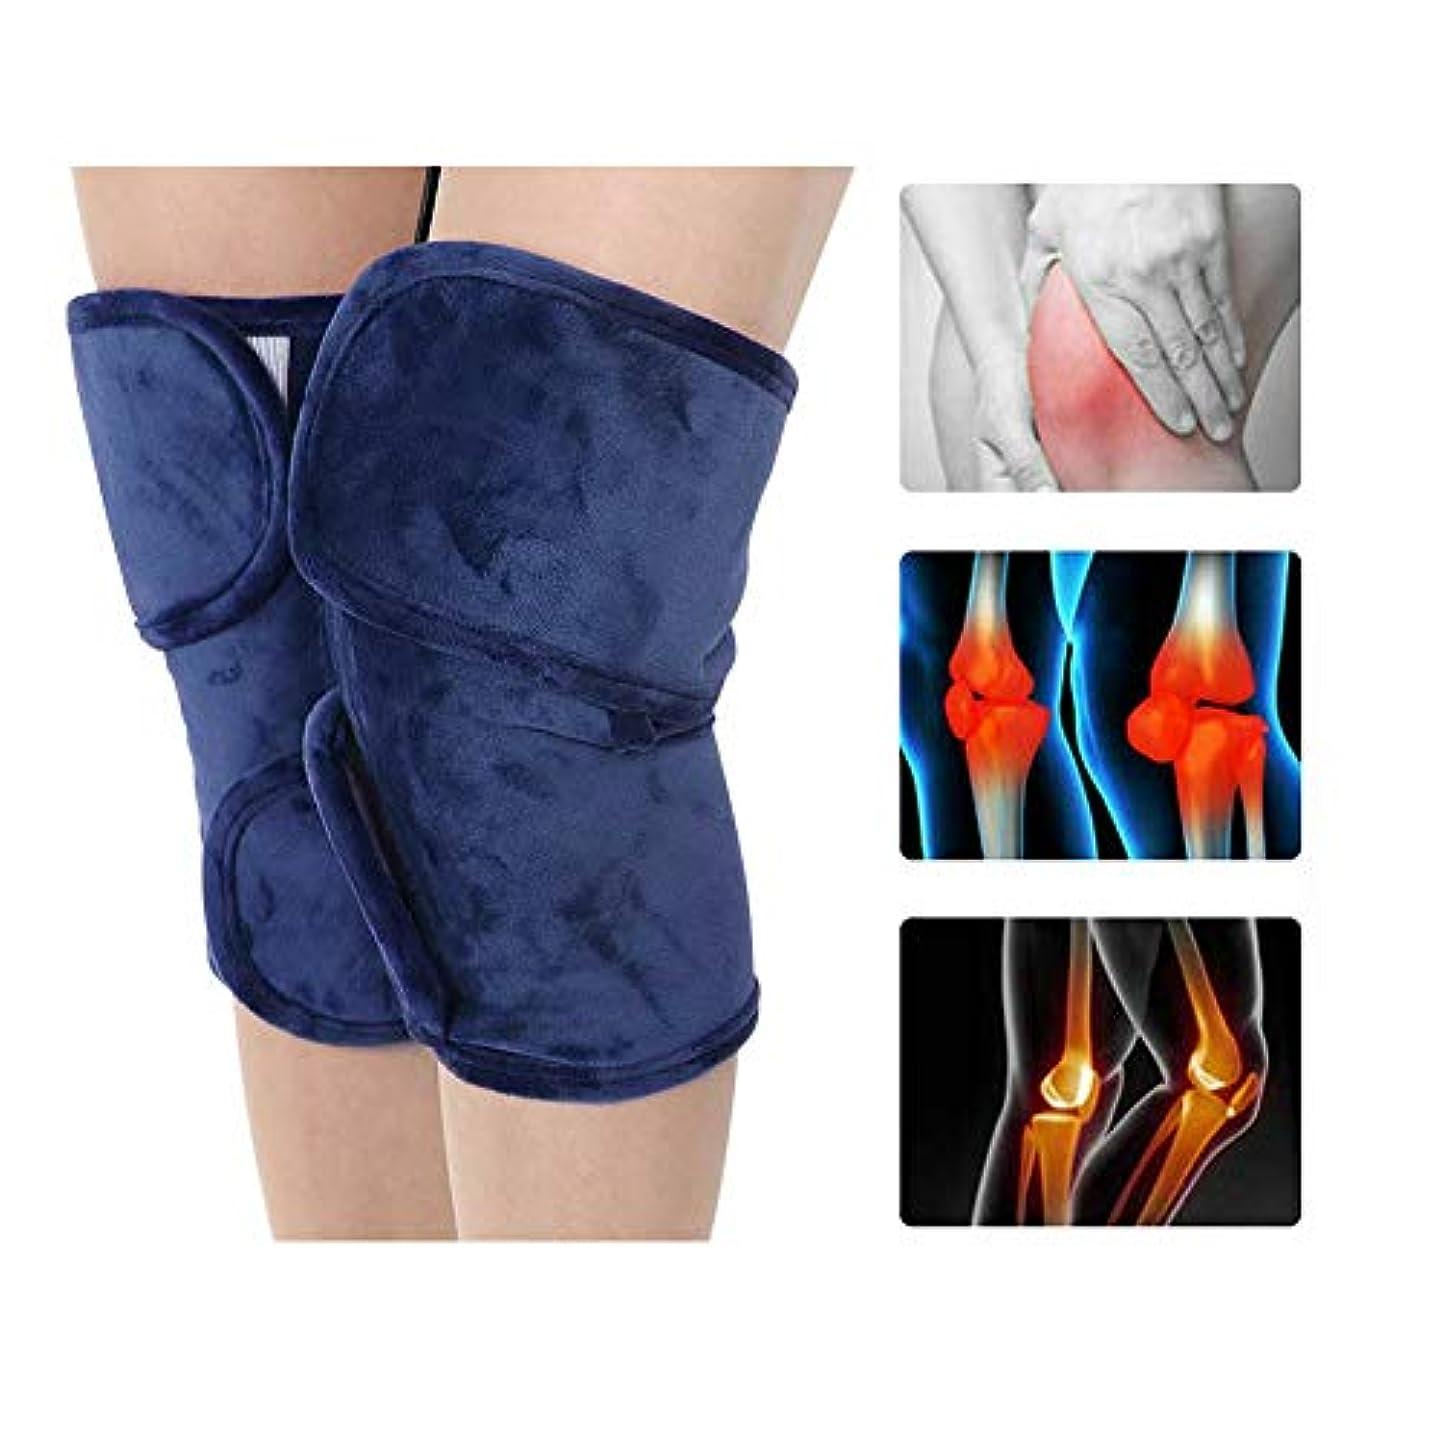 感度あいにく土電気加熱膝ブレースサポート - 膝温かいラップパッド療法ホット関節炎膝の痛みのための熱い圧縮,Blue